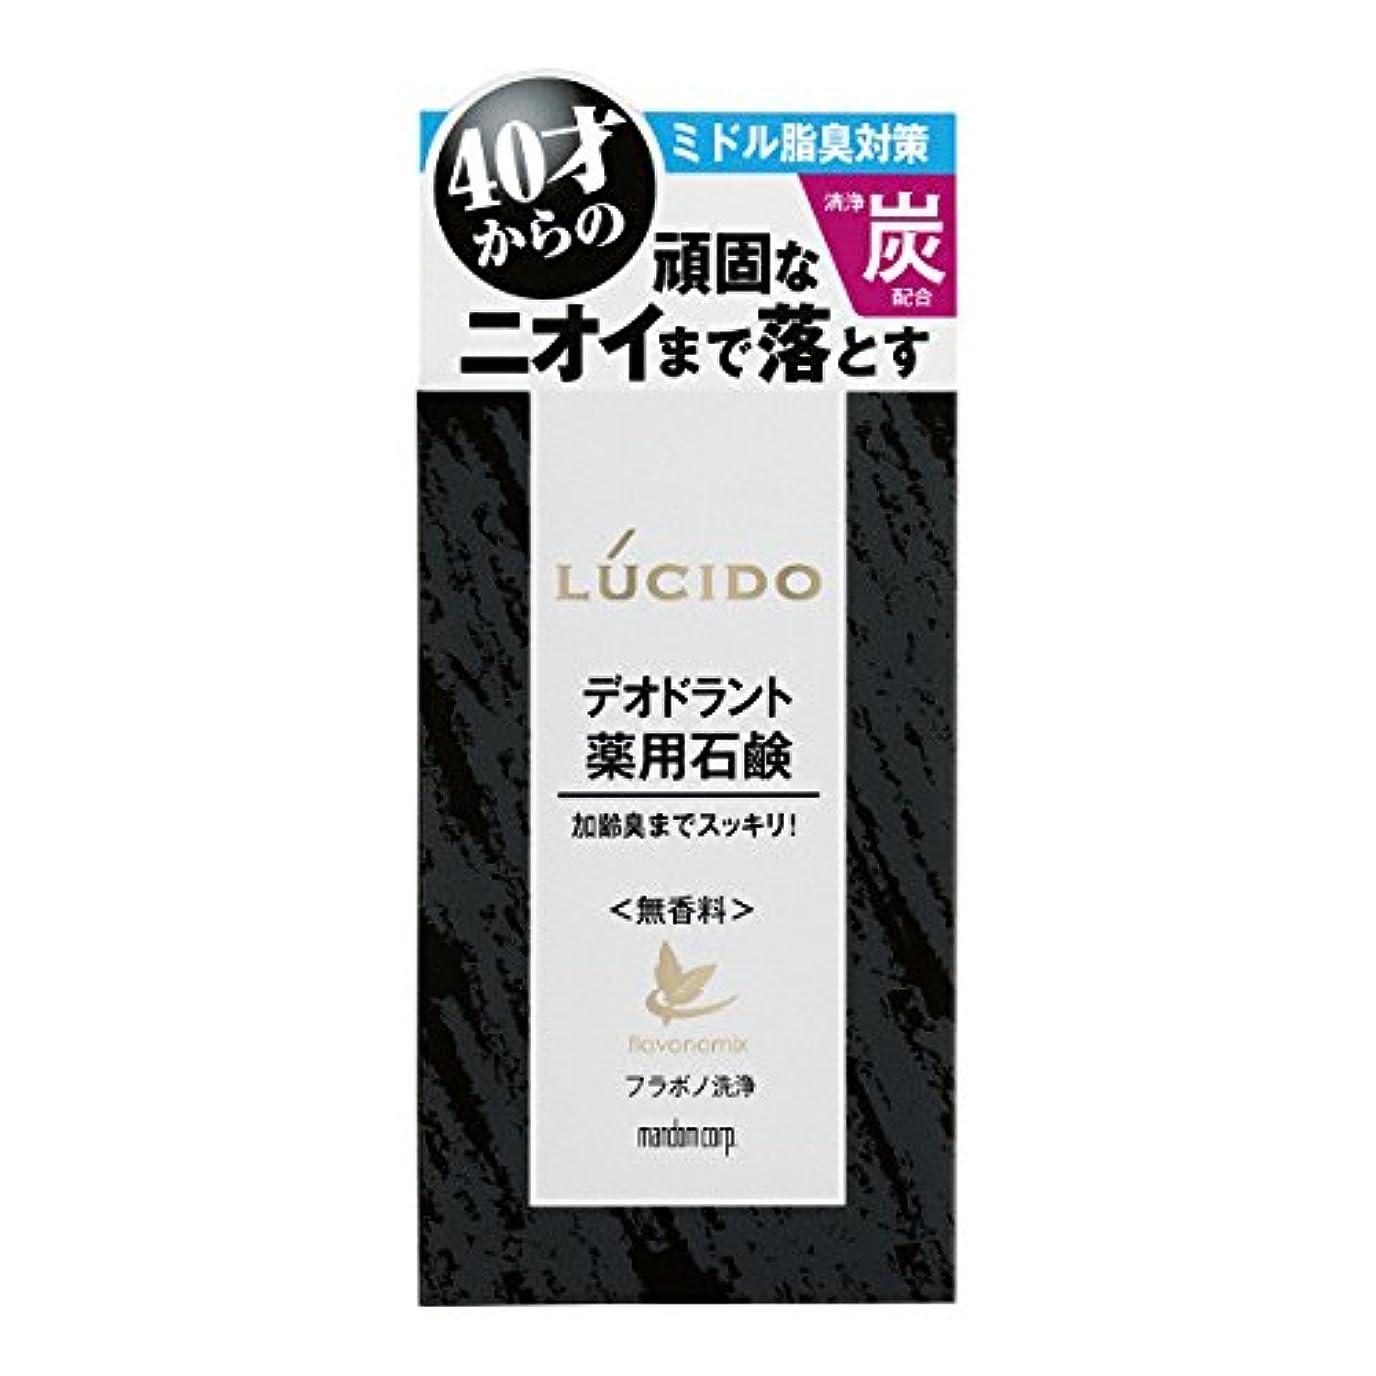 本気シングルライオネルグリーンストリートルシード 薬用デオドラント石鹸 100g(医薬部外品)